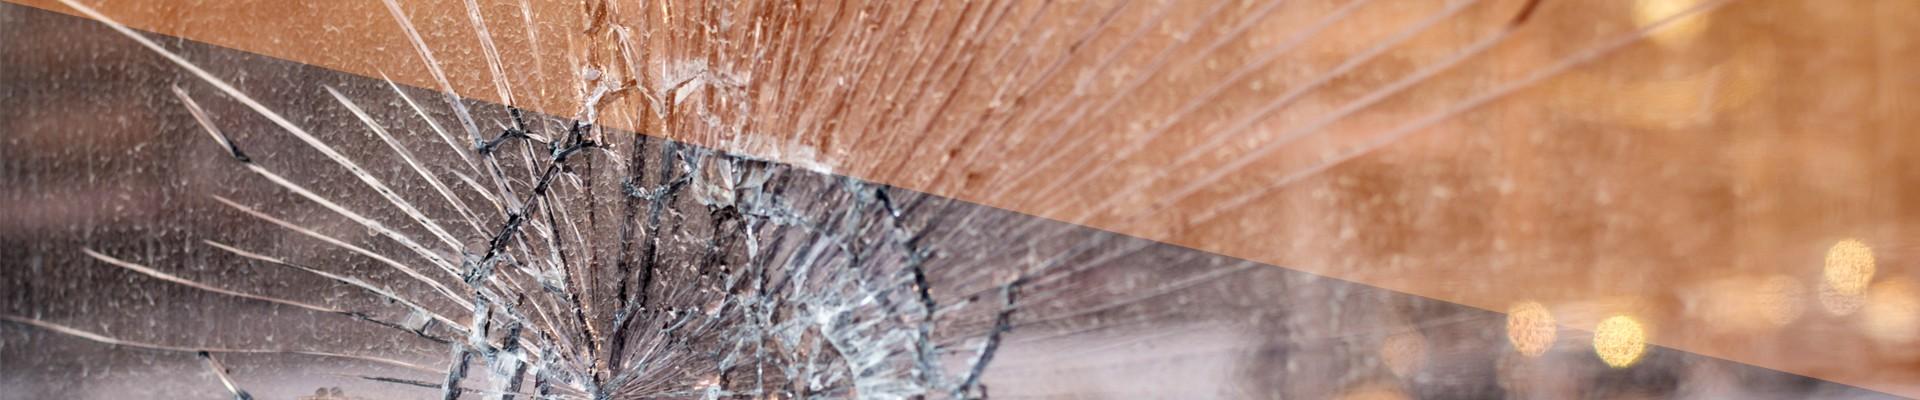 Broken Glass RV Road Safety